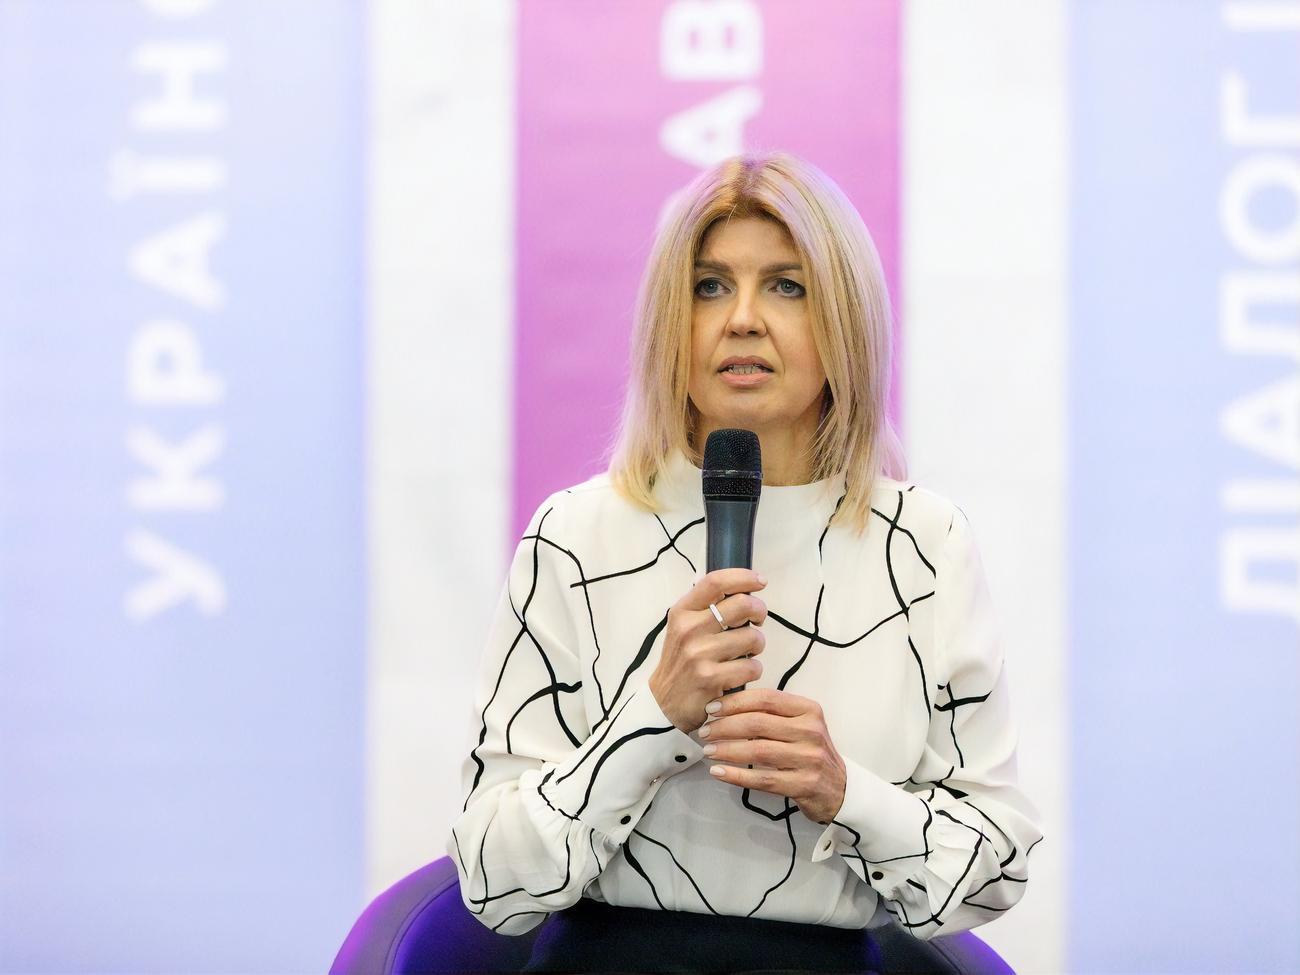 О нехватке финансирования заявил Украинский дом, куда собирался переезжать Офис президента Зеленского